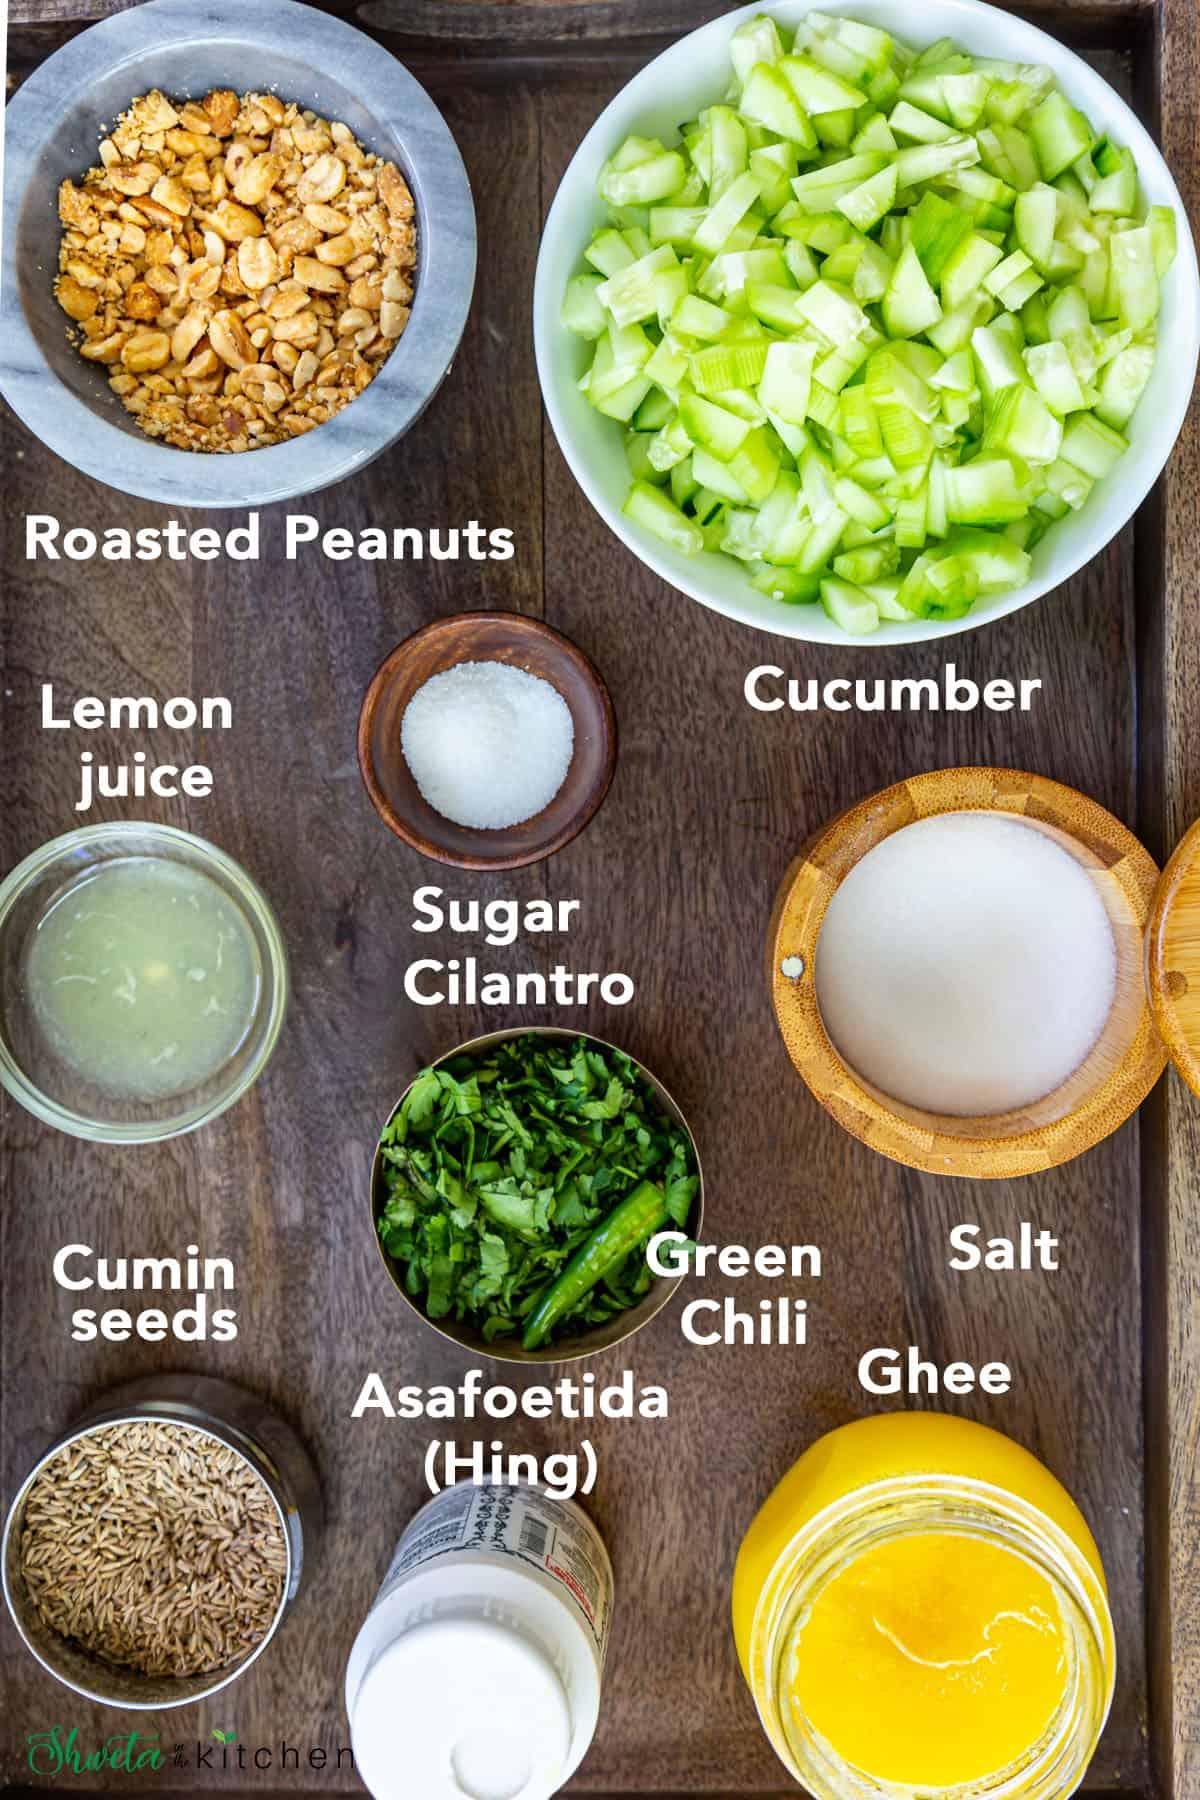 Ingredients for kakdi chi koshimbir in bowls on wooden base